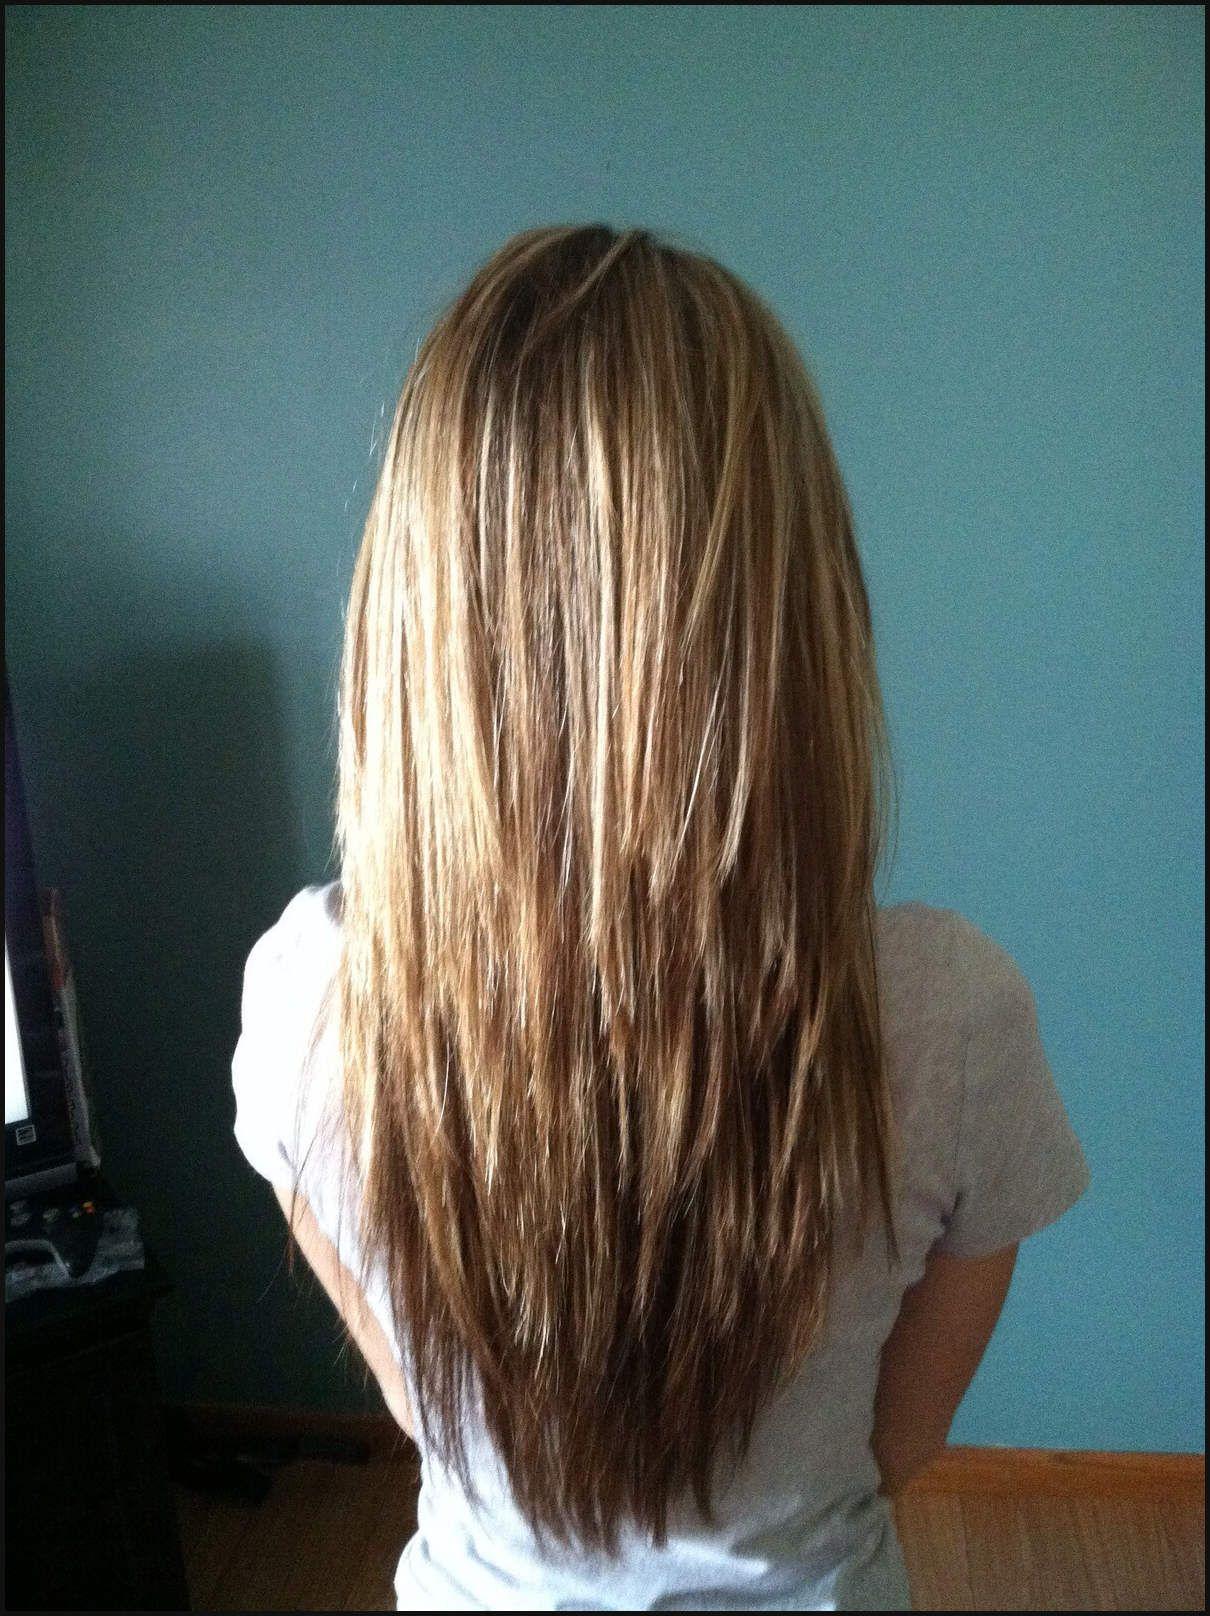 Frisur Stufen Haare Pinterest Stufen Frisur Und Haarschnitte Einfache Frisuren Long Hair Styles Hair Styles Long Layered Hair